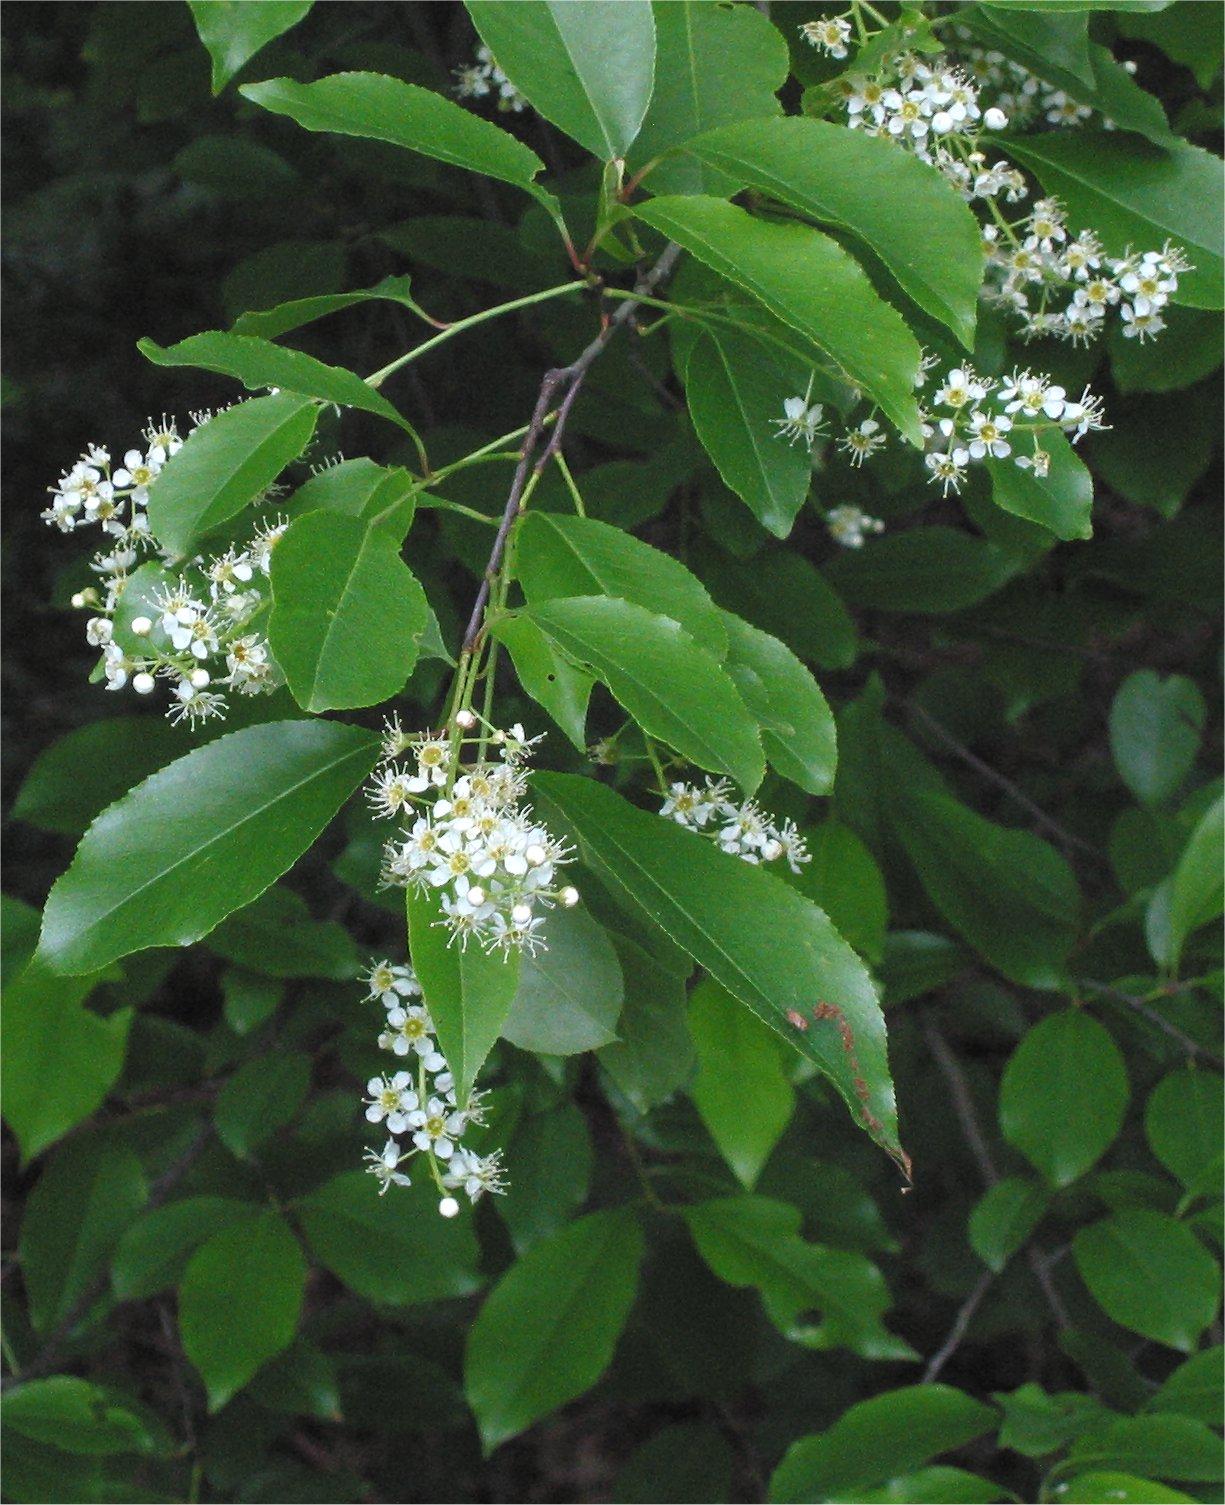 """""""Amerikaanse vogelkers Prunus serotina closeup""""    by    Rasbak    is licensed under    CC BY 3.0"""